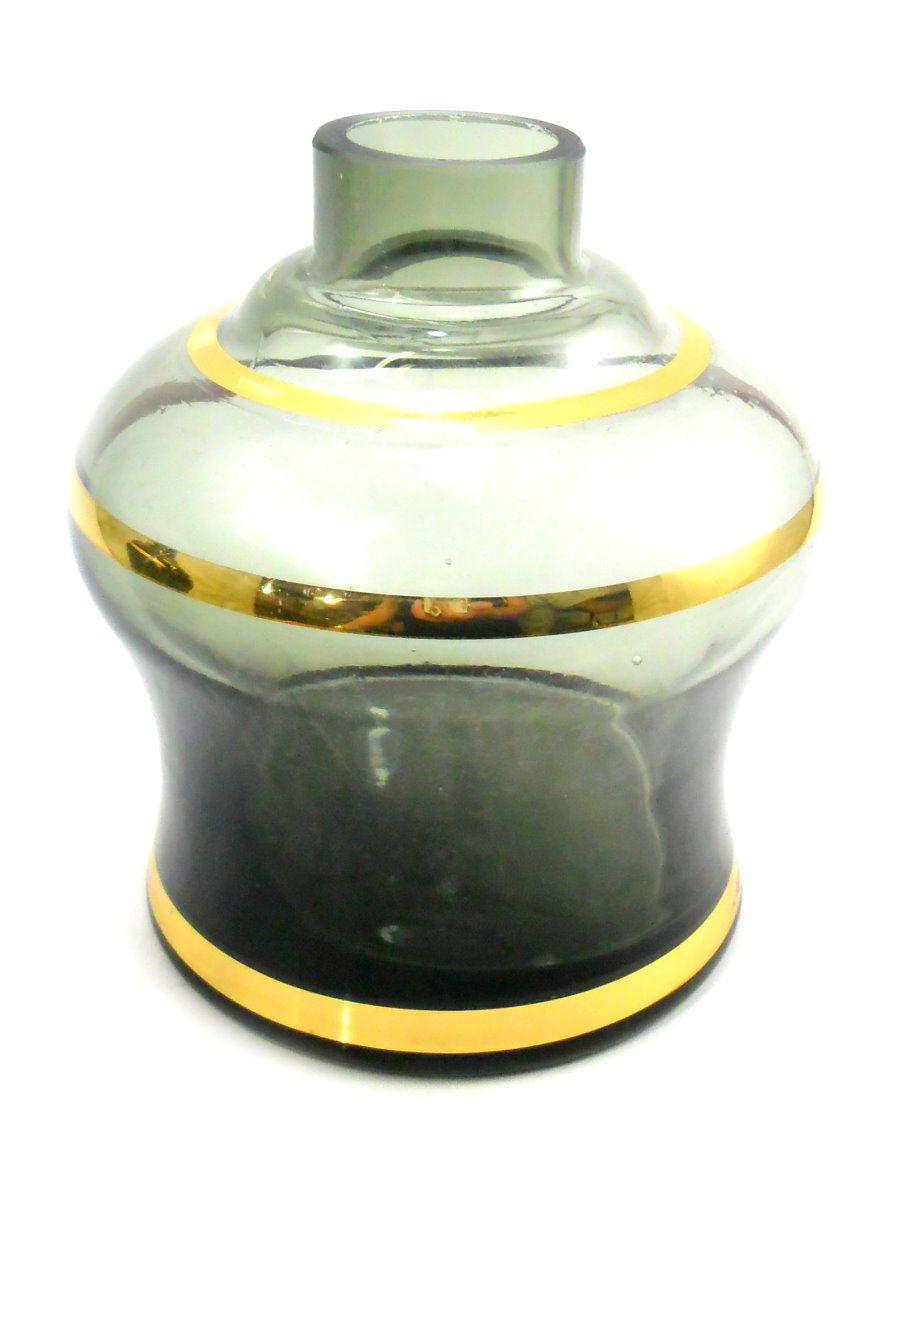 Vaso/base para narguile Nasa/Luna PUMP, c/ LISTRAS DOURADAS. 13cm alt. Encaixe macho (interno).